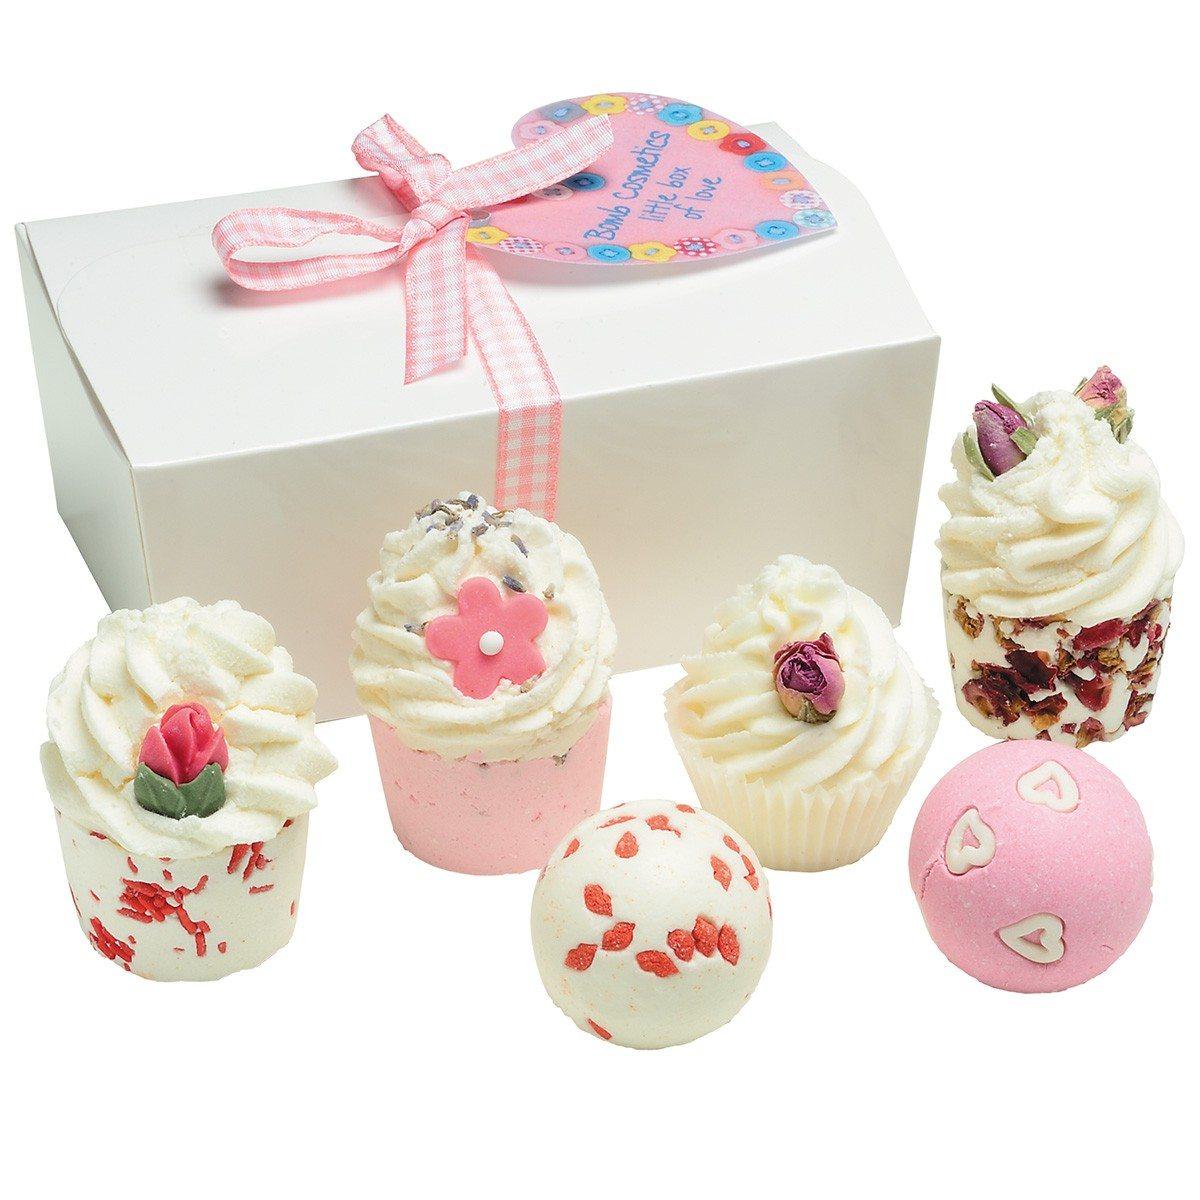 Doosje vol liefde - geschenkdoos voor in bad